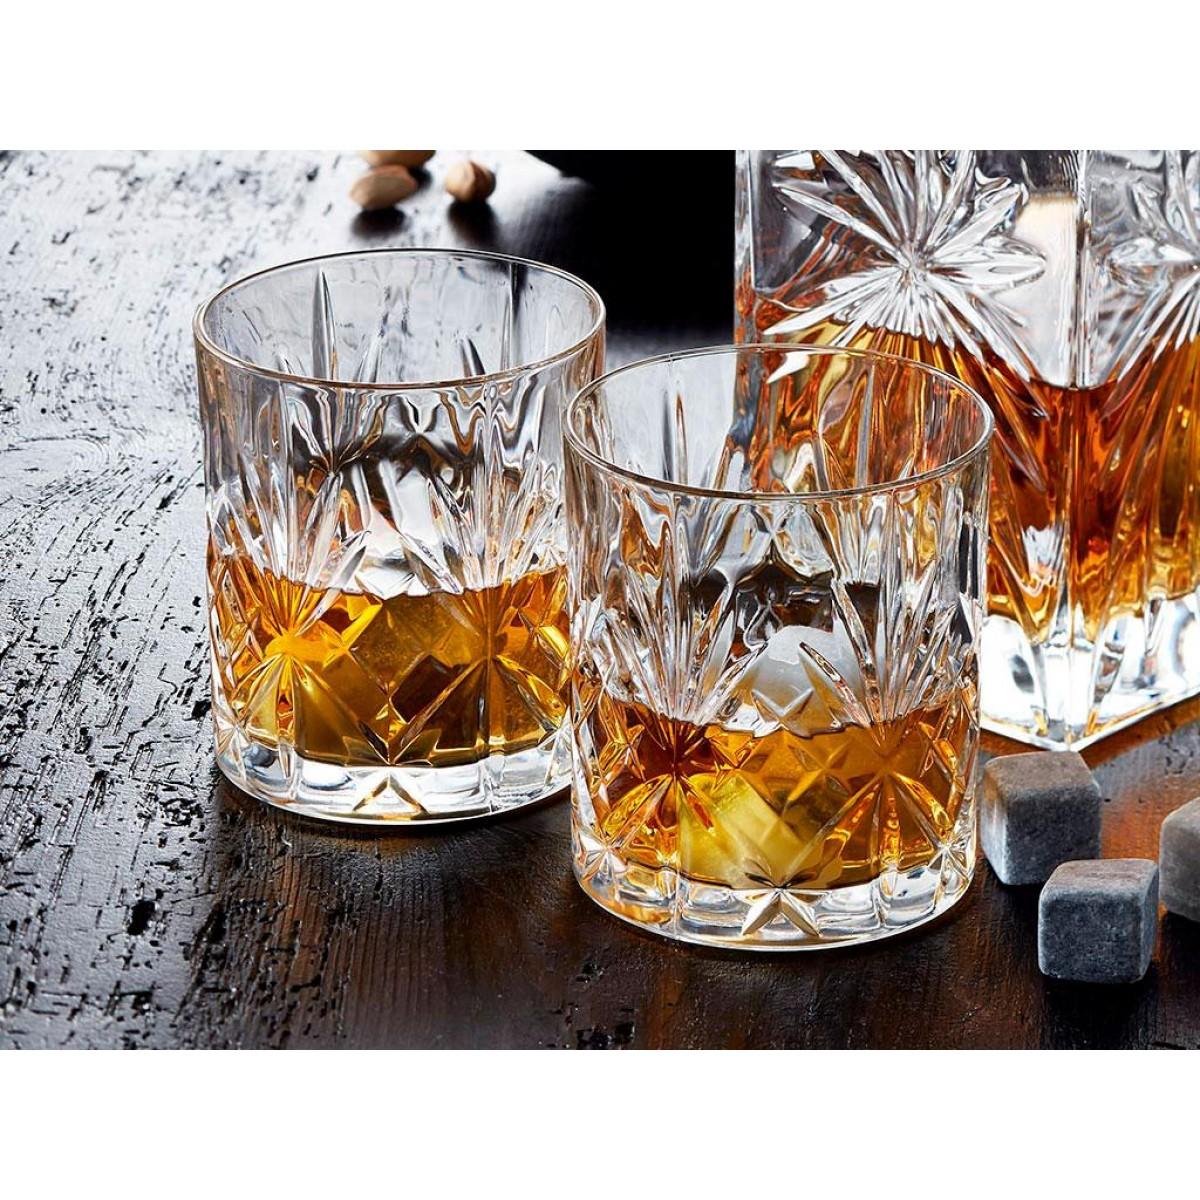 LYNGBYMelodiakrystalwhiskeyglas31cl6stk-01